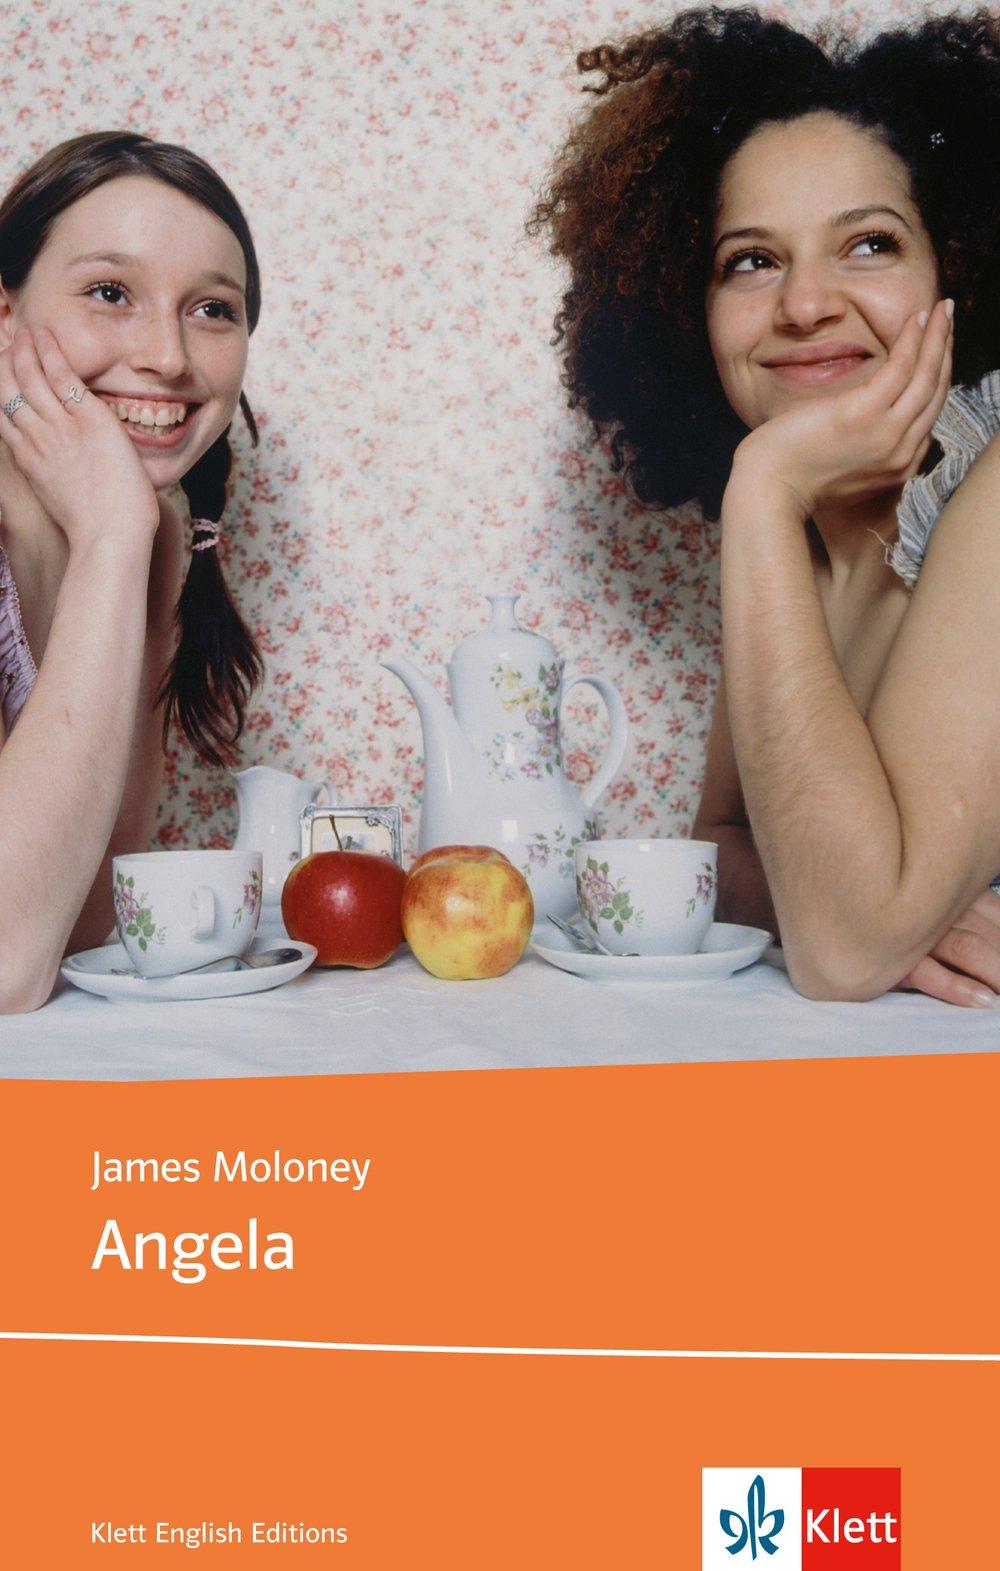 Angela: Schulausgabe für das Niveau B2, ab dem 6. Lernjahr. Ungekürzter englischer Originaltext mit Annotationen (Klett English Editions)